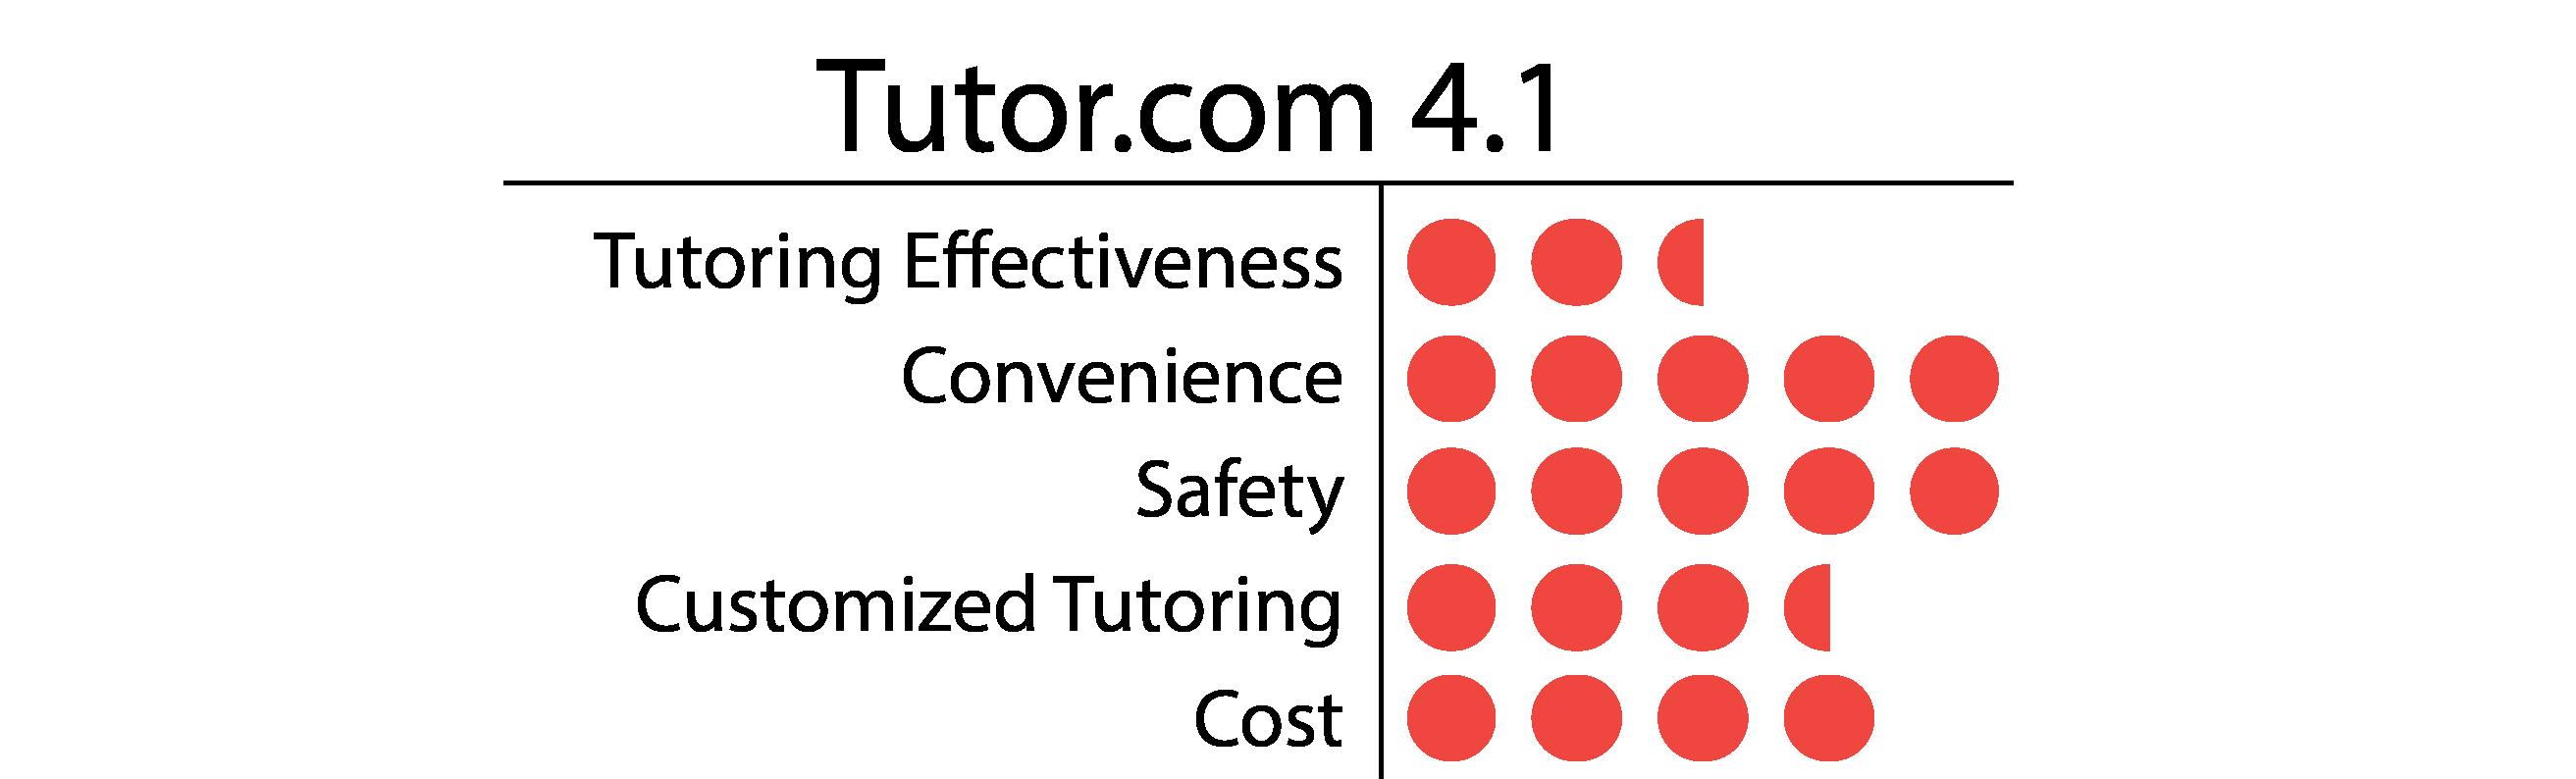 Tutor.com-01